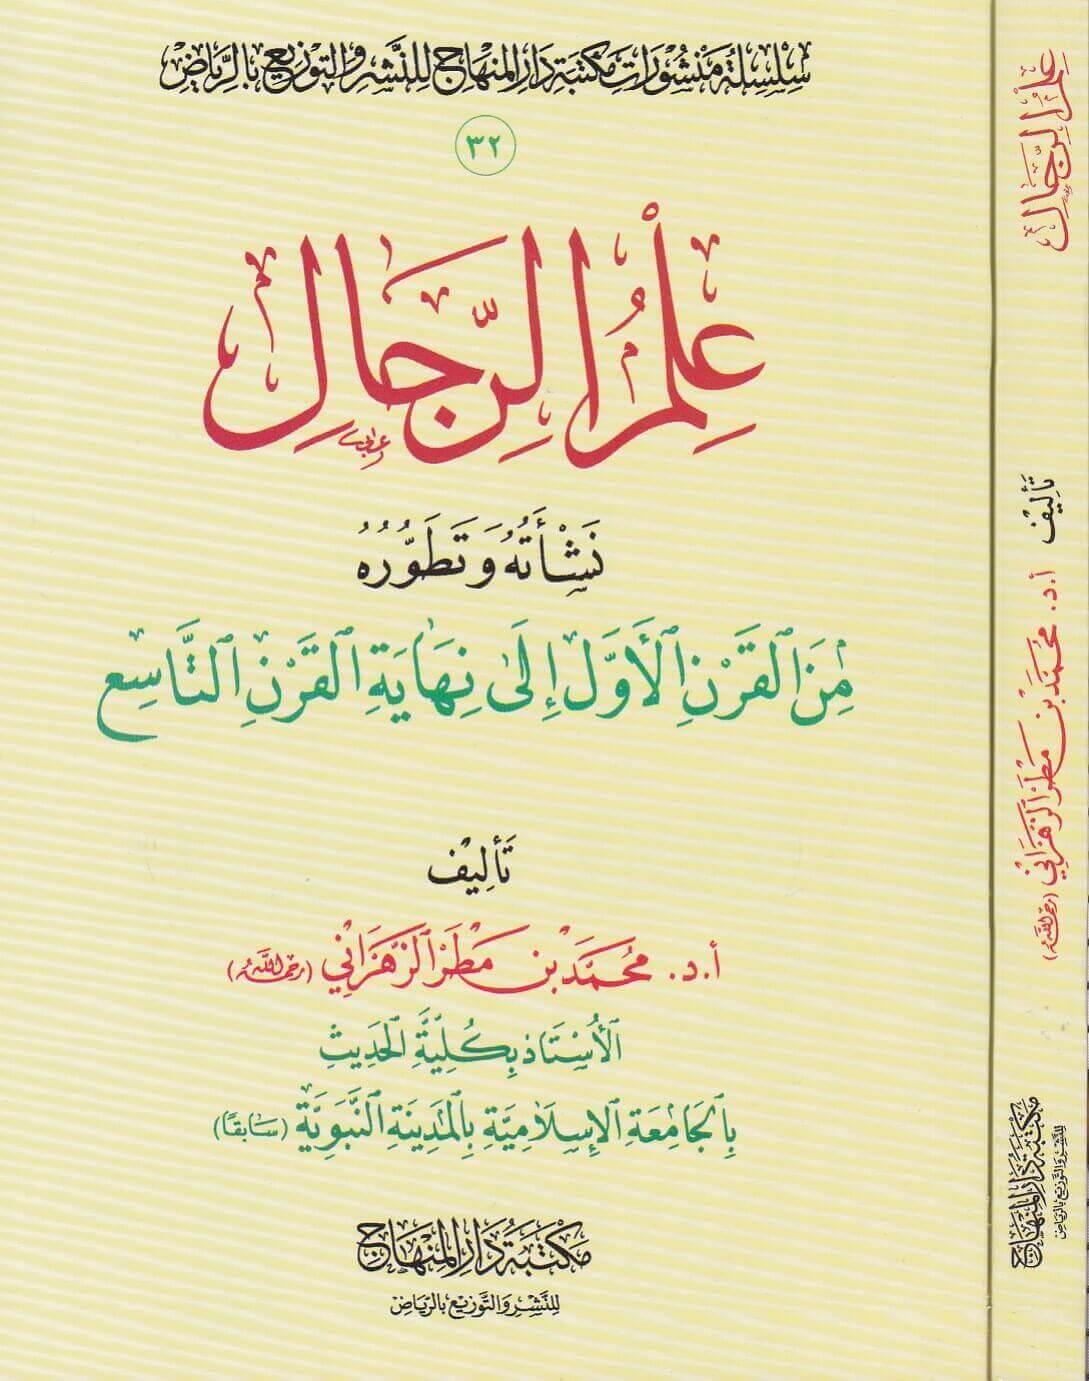 كتاب علم الرجال محمد مطر الزهراني pdf